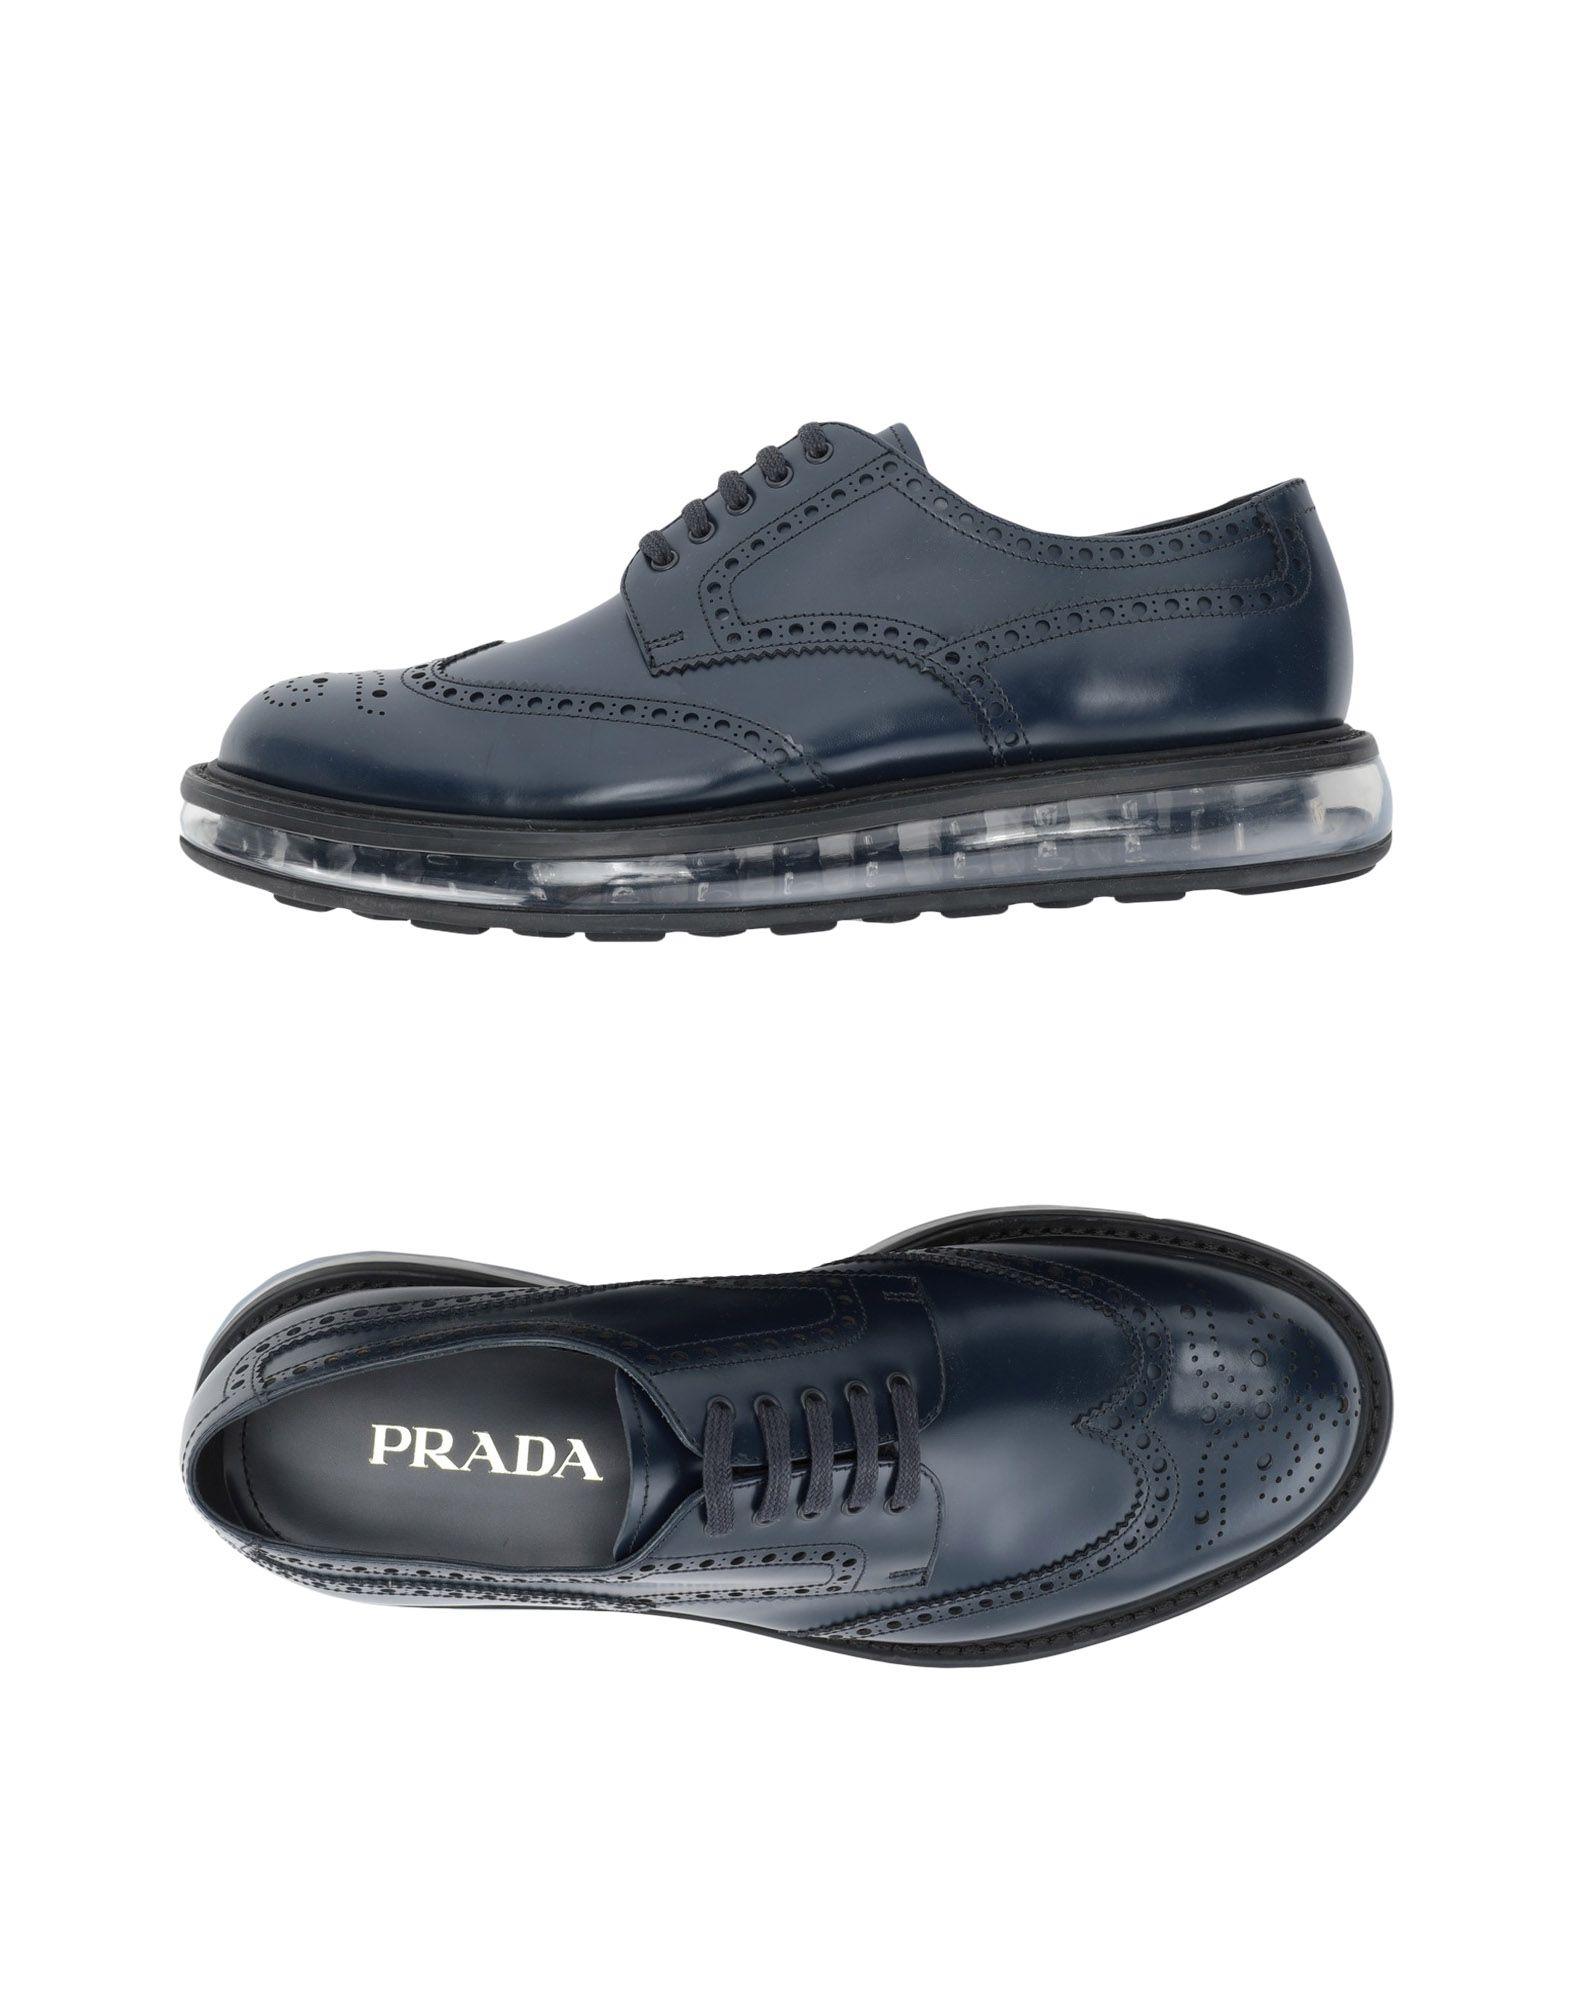 Prada Schnürschuhe Herren  11465060VT Gute Qualität beliebte Schuhe